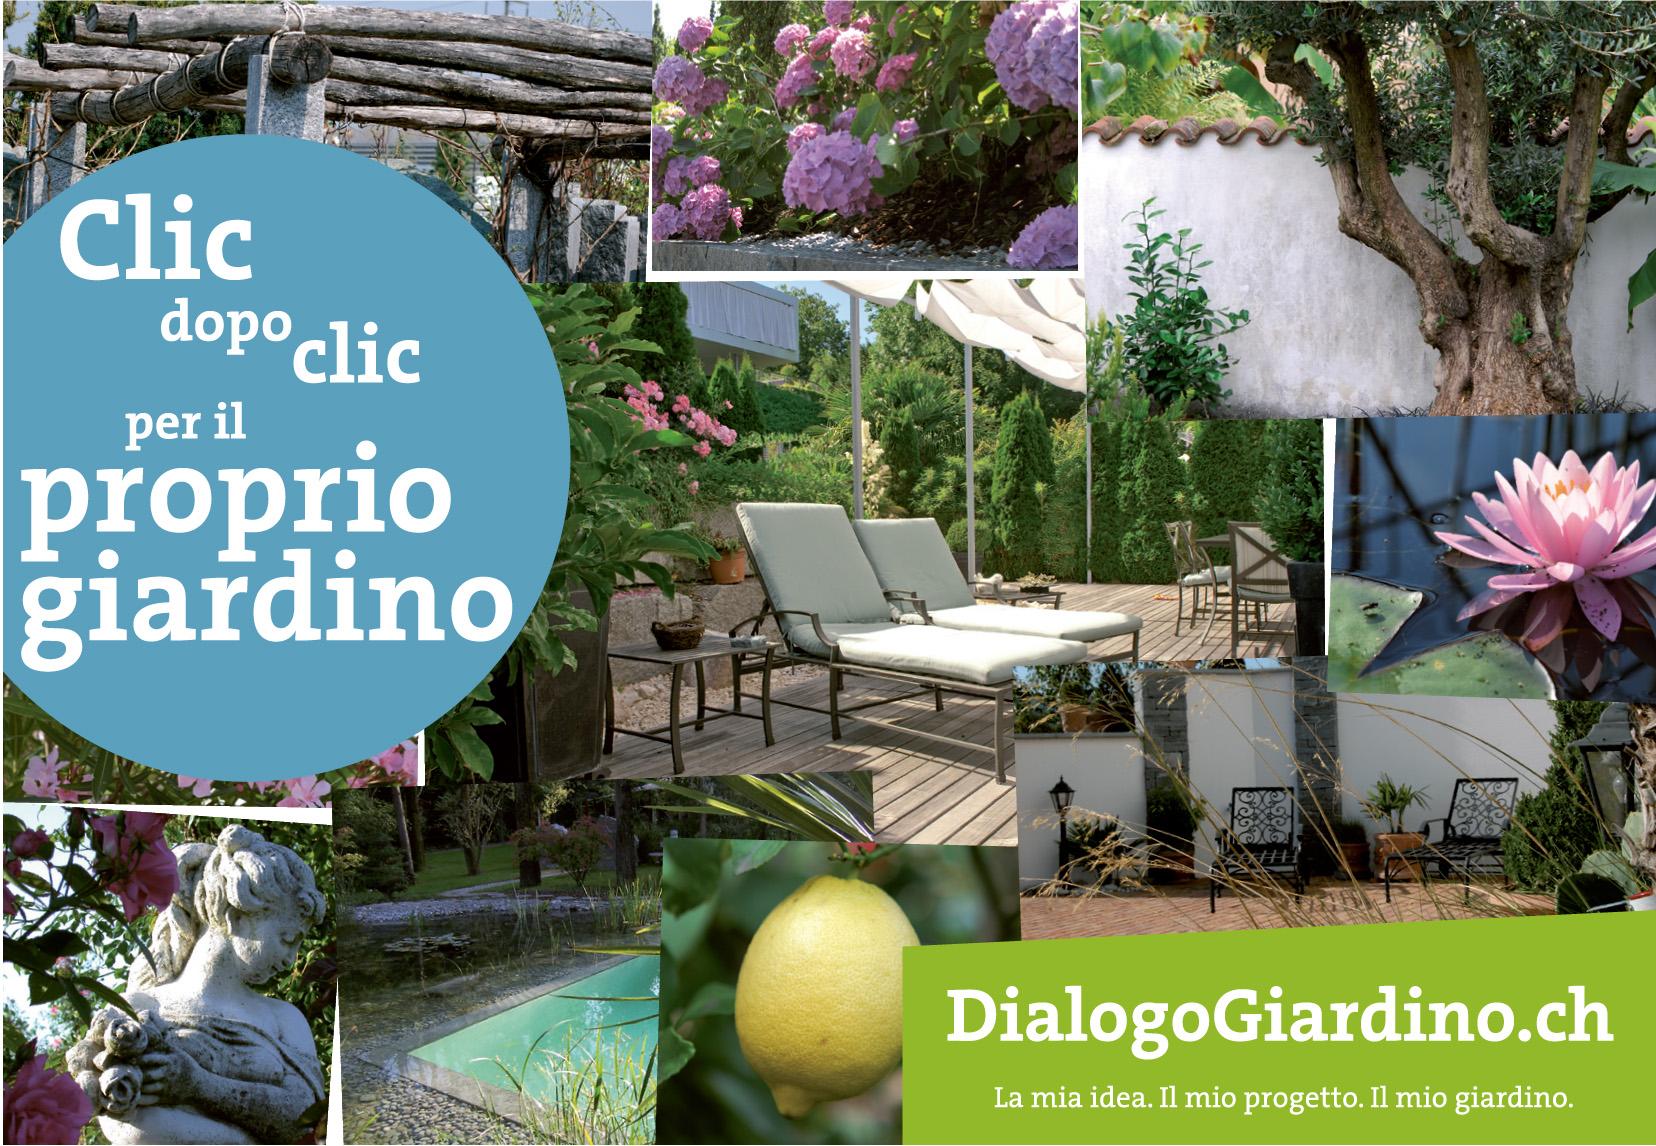 Clic dopo clic per il proprio giardino - dialogogiardino.ch